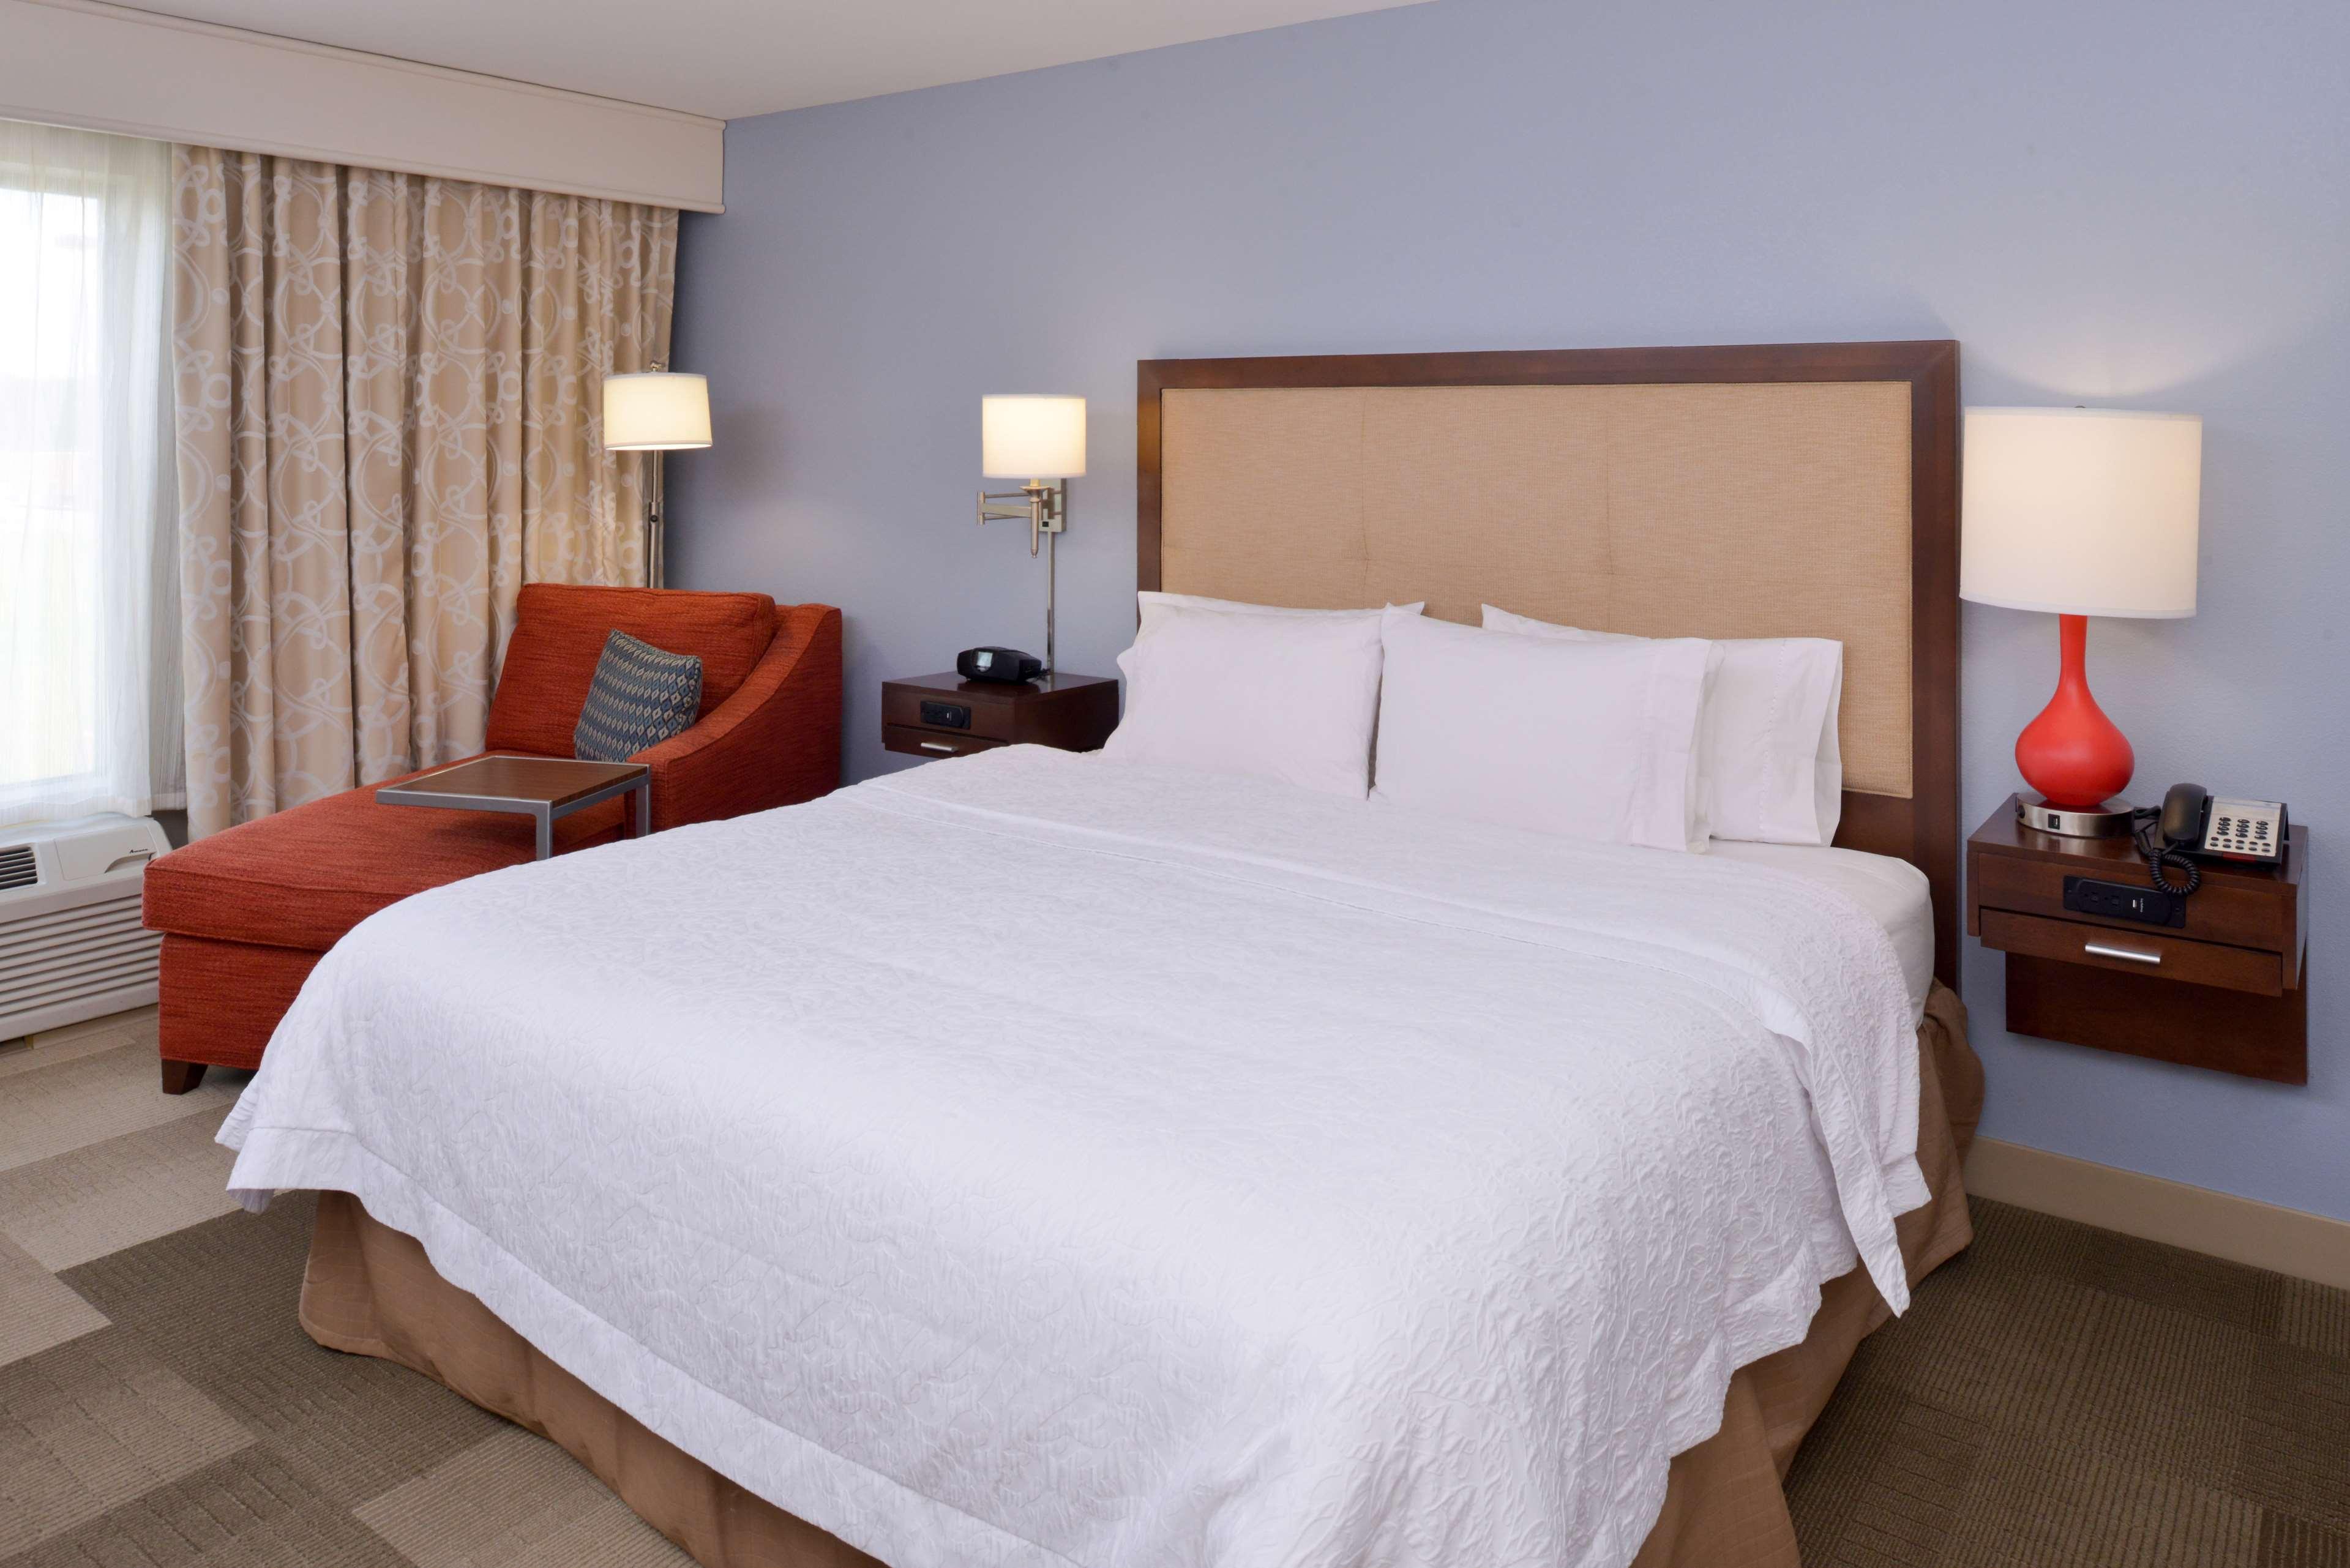 Hampton Inn & Suites Lonoke image 23